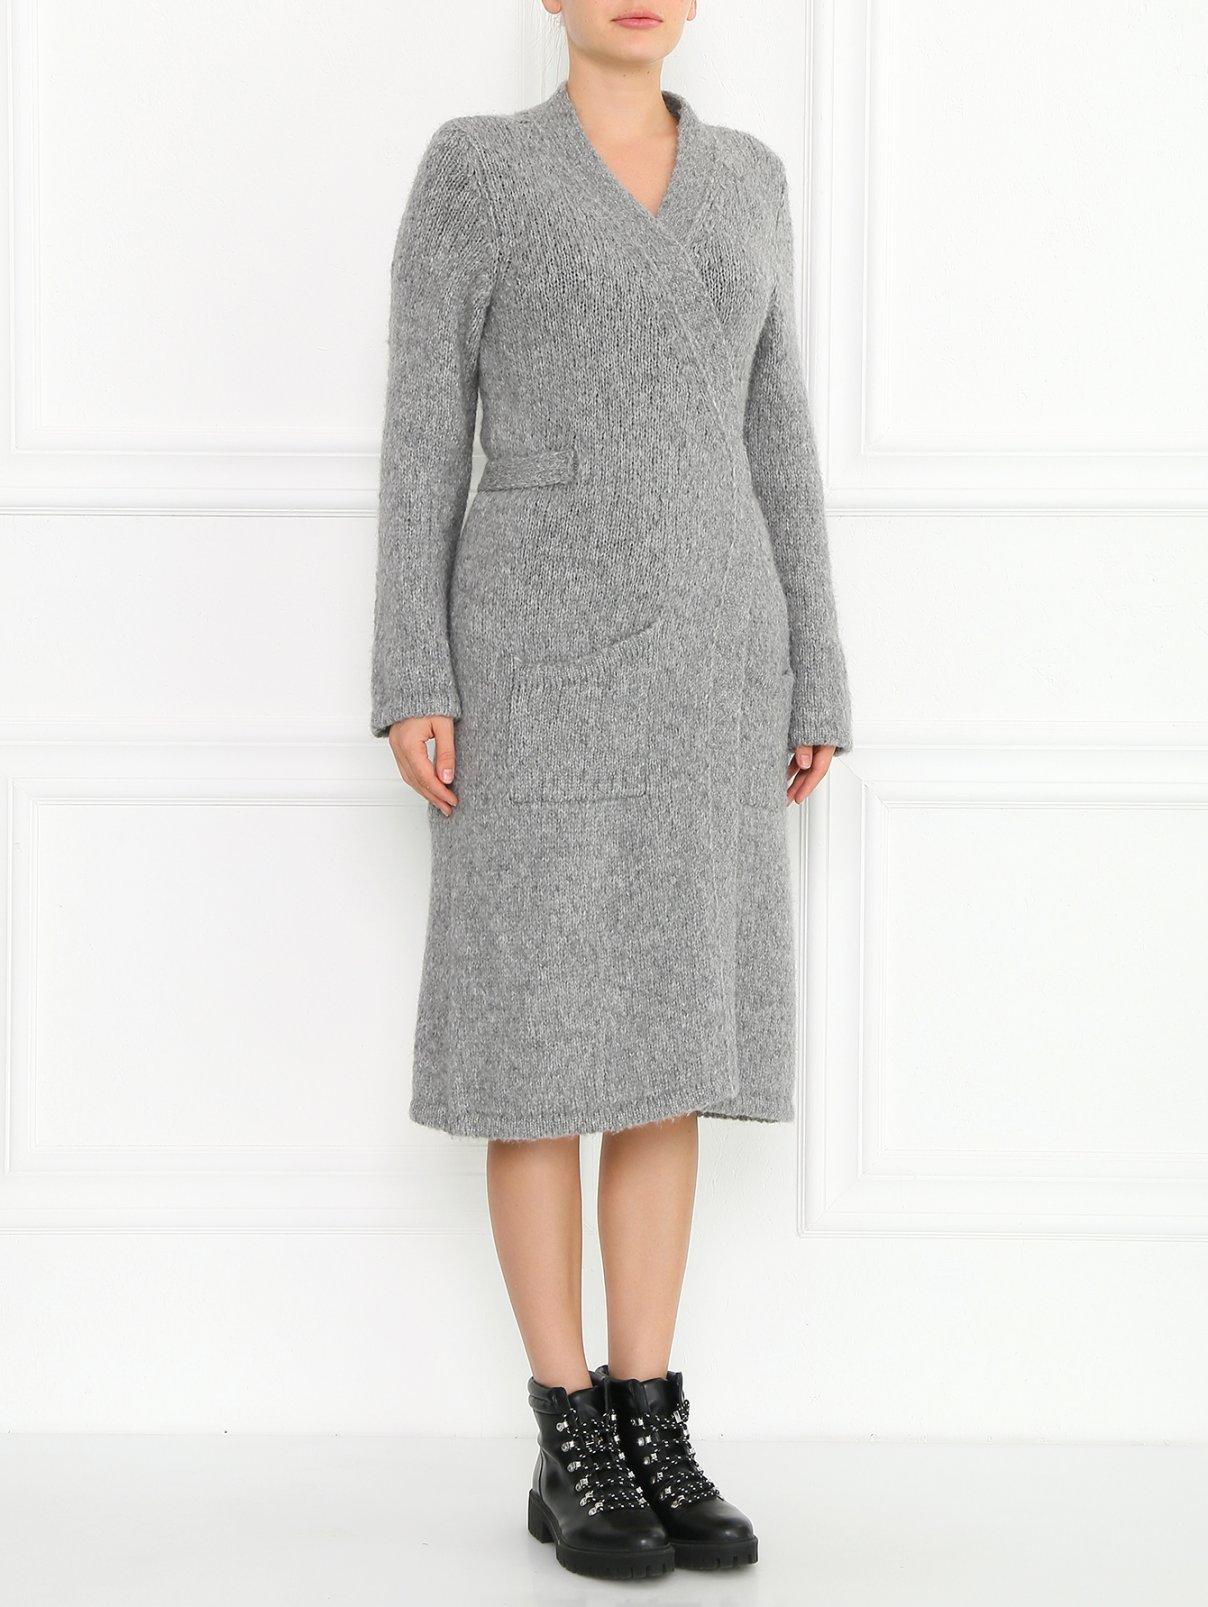 Удлиненный кардиган из смешанной шерсти крупной вязки Maison Martin Margiela  –  Модель Общий вид